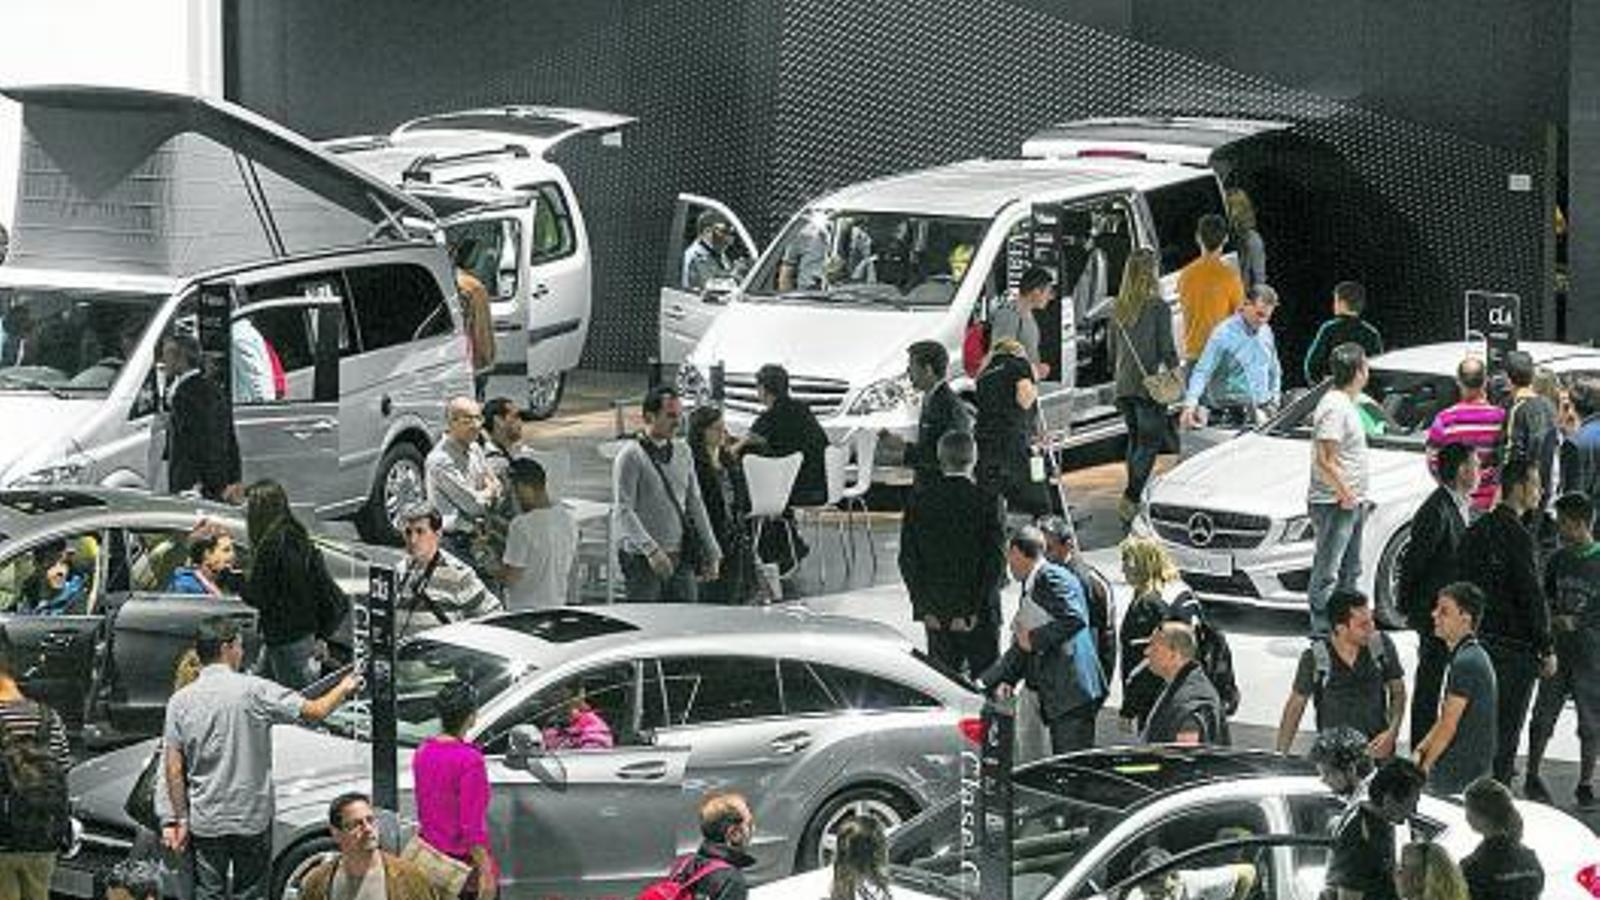 L'ANY DE LA RECUPERACIÓ   El sector de l'automòbil confia que els pobres 2012 i 2013 quedin ja oblidats aquest 2014, amb una pujada de vendes superior al 10%. De moment, l'any ha començat molt bé, amb una millora acumulada del 19% a Catalunya i del 13% a Espanya.